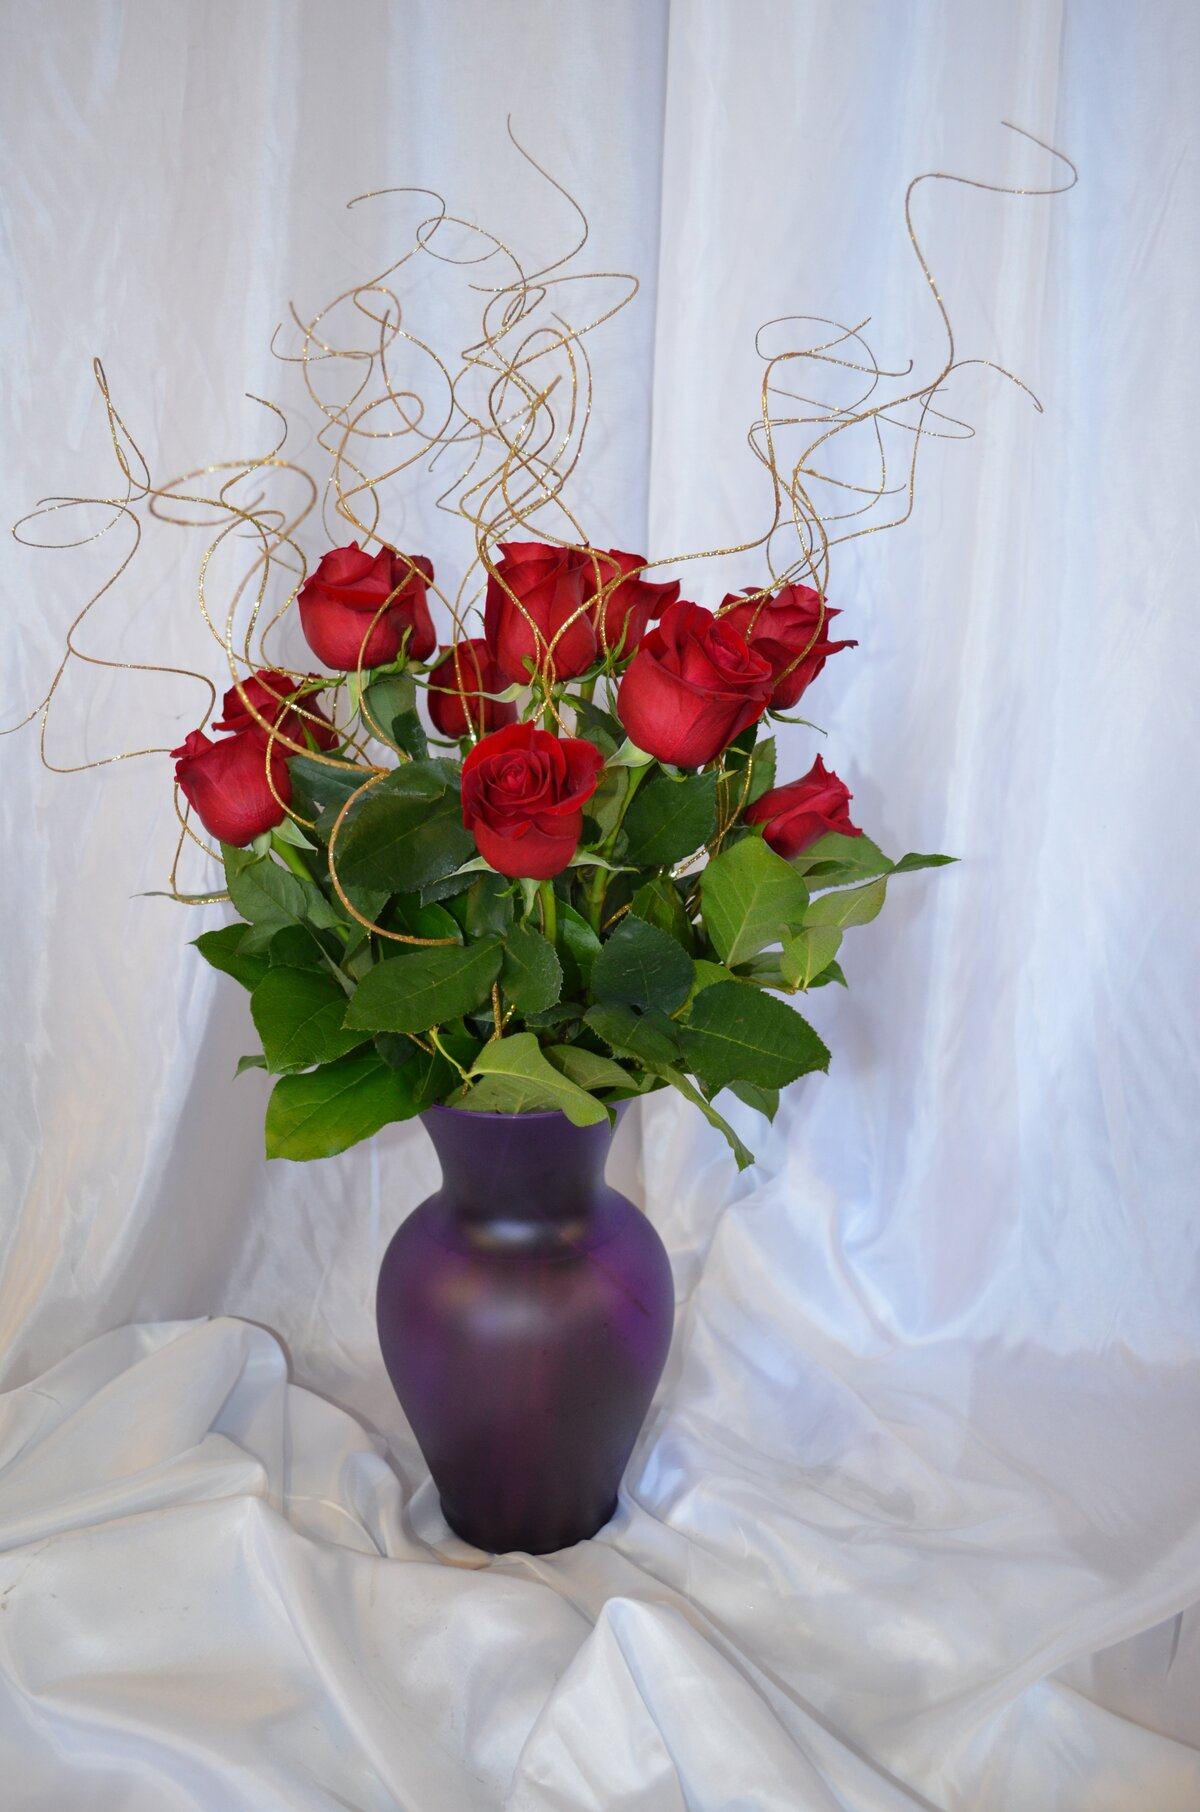 Букет роз на столе в вазе